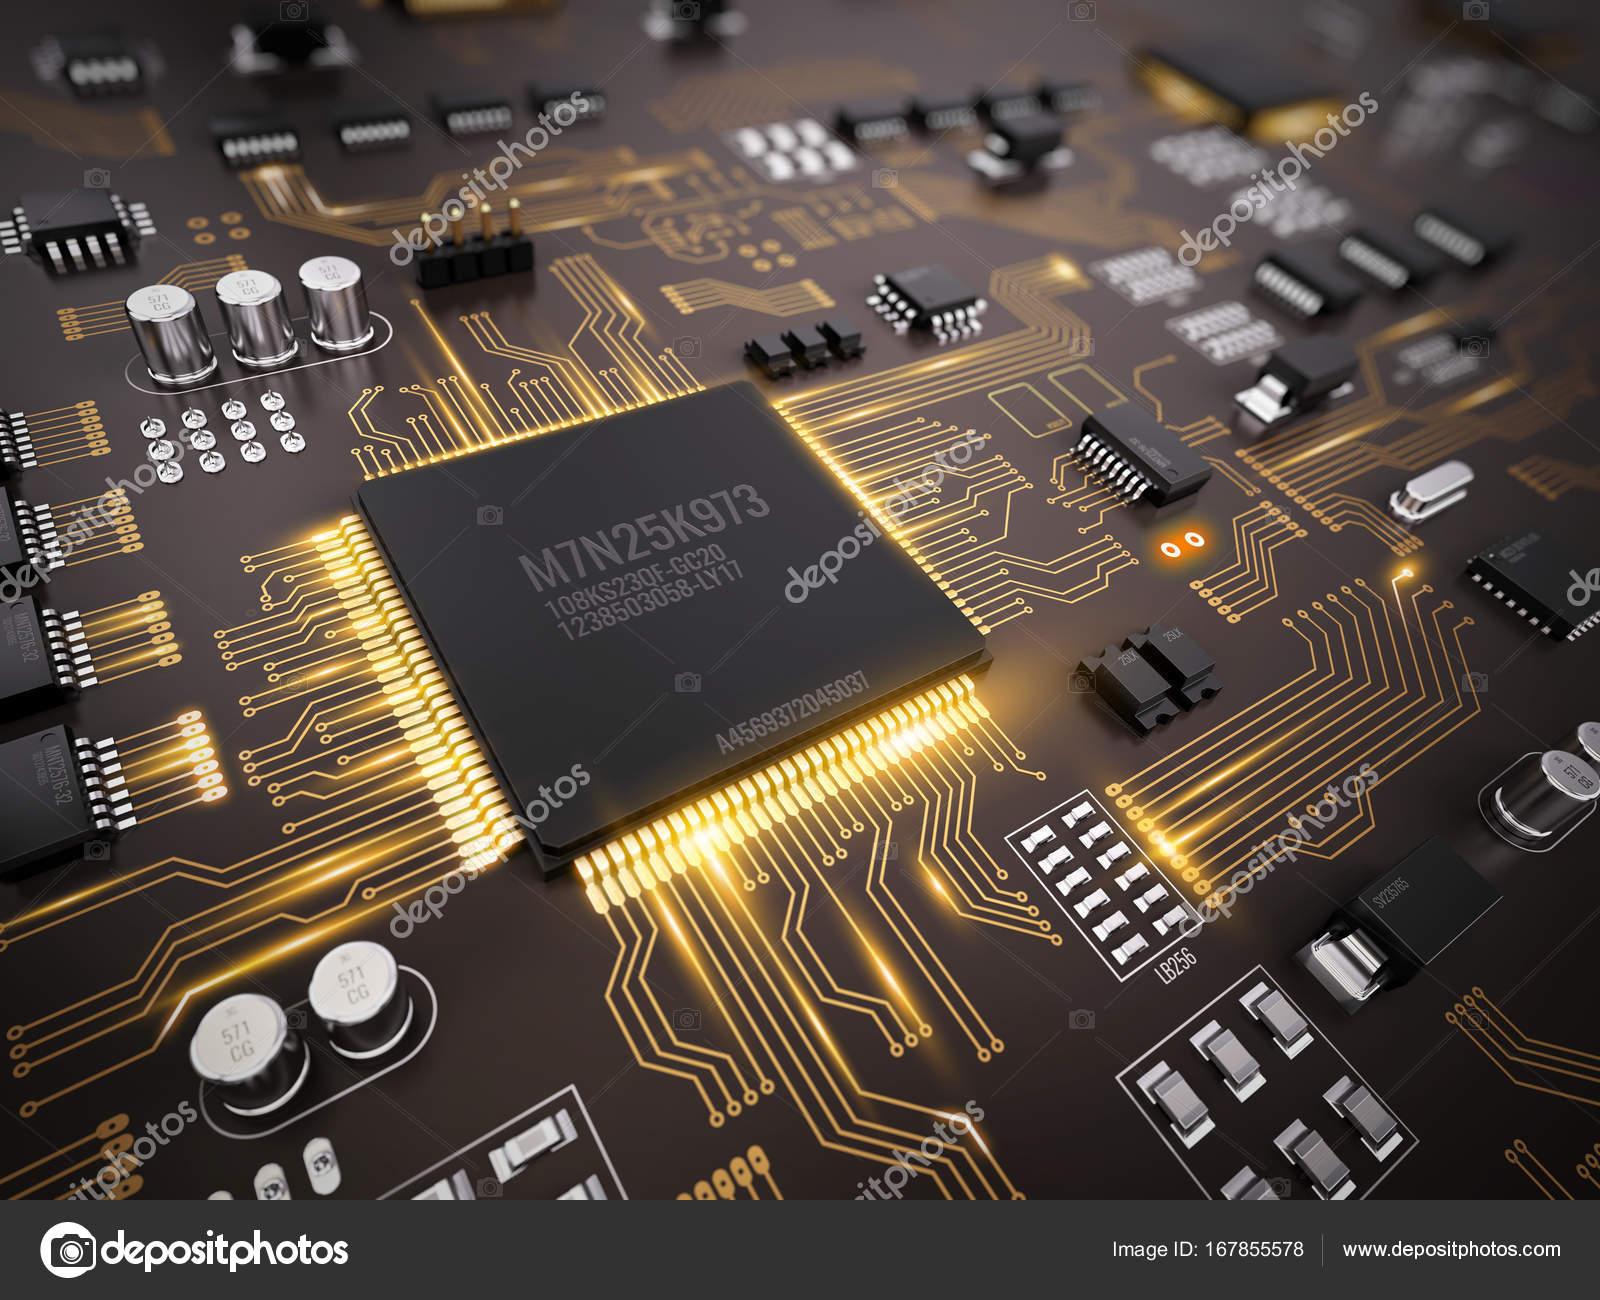 High Tech Elektronische Pcb Printed Circuit Board Mit Prozessor Mikrochips Und Glhende Digital Signale 3d Illustration Foto Von